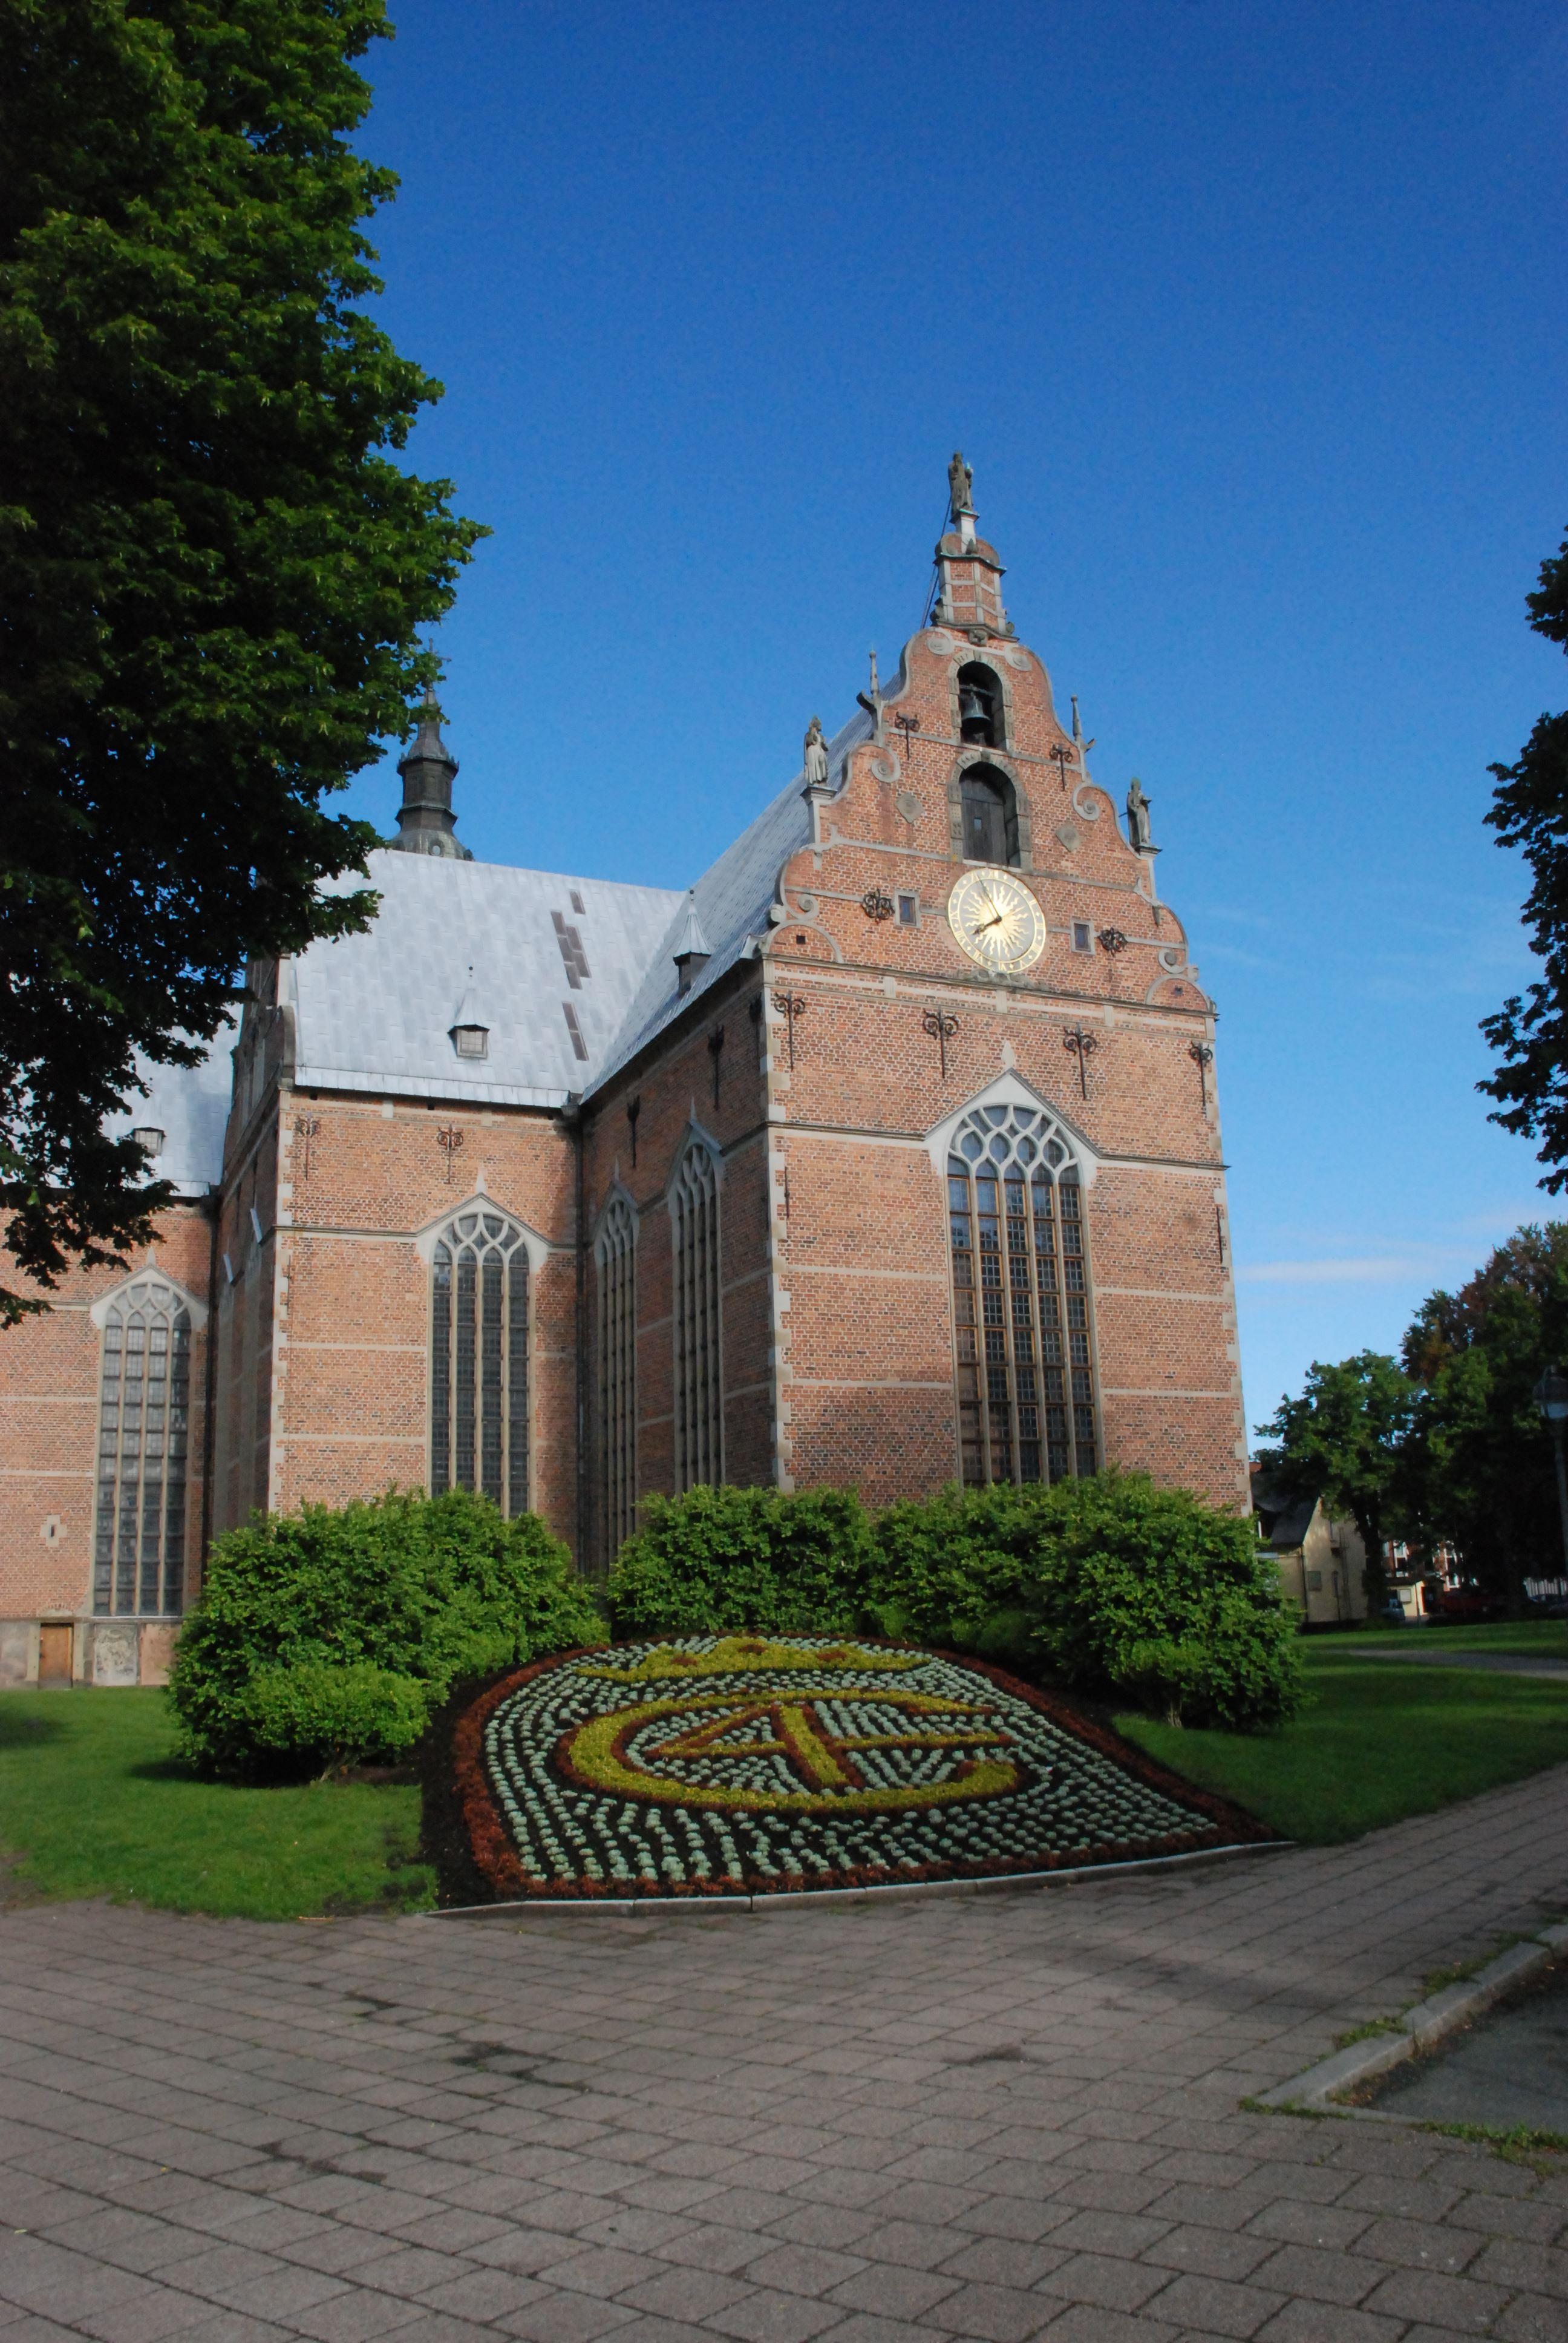 Fotograf: Kristianstads kommun/Claes Sandén, Kristianstad på egen hånd